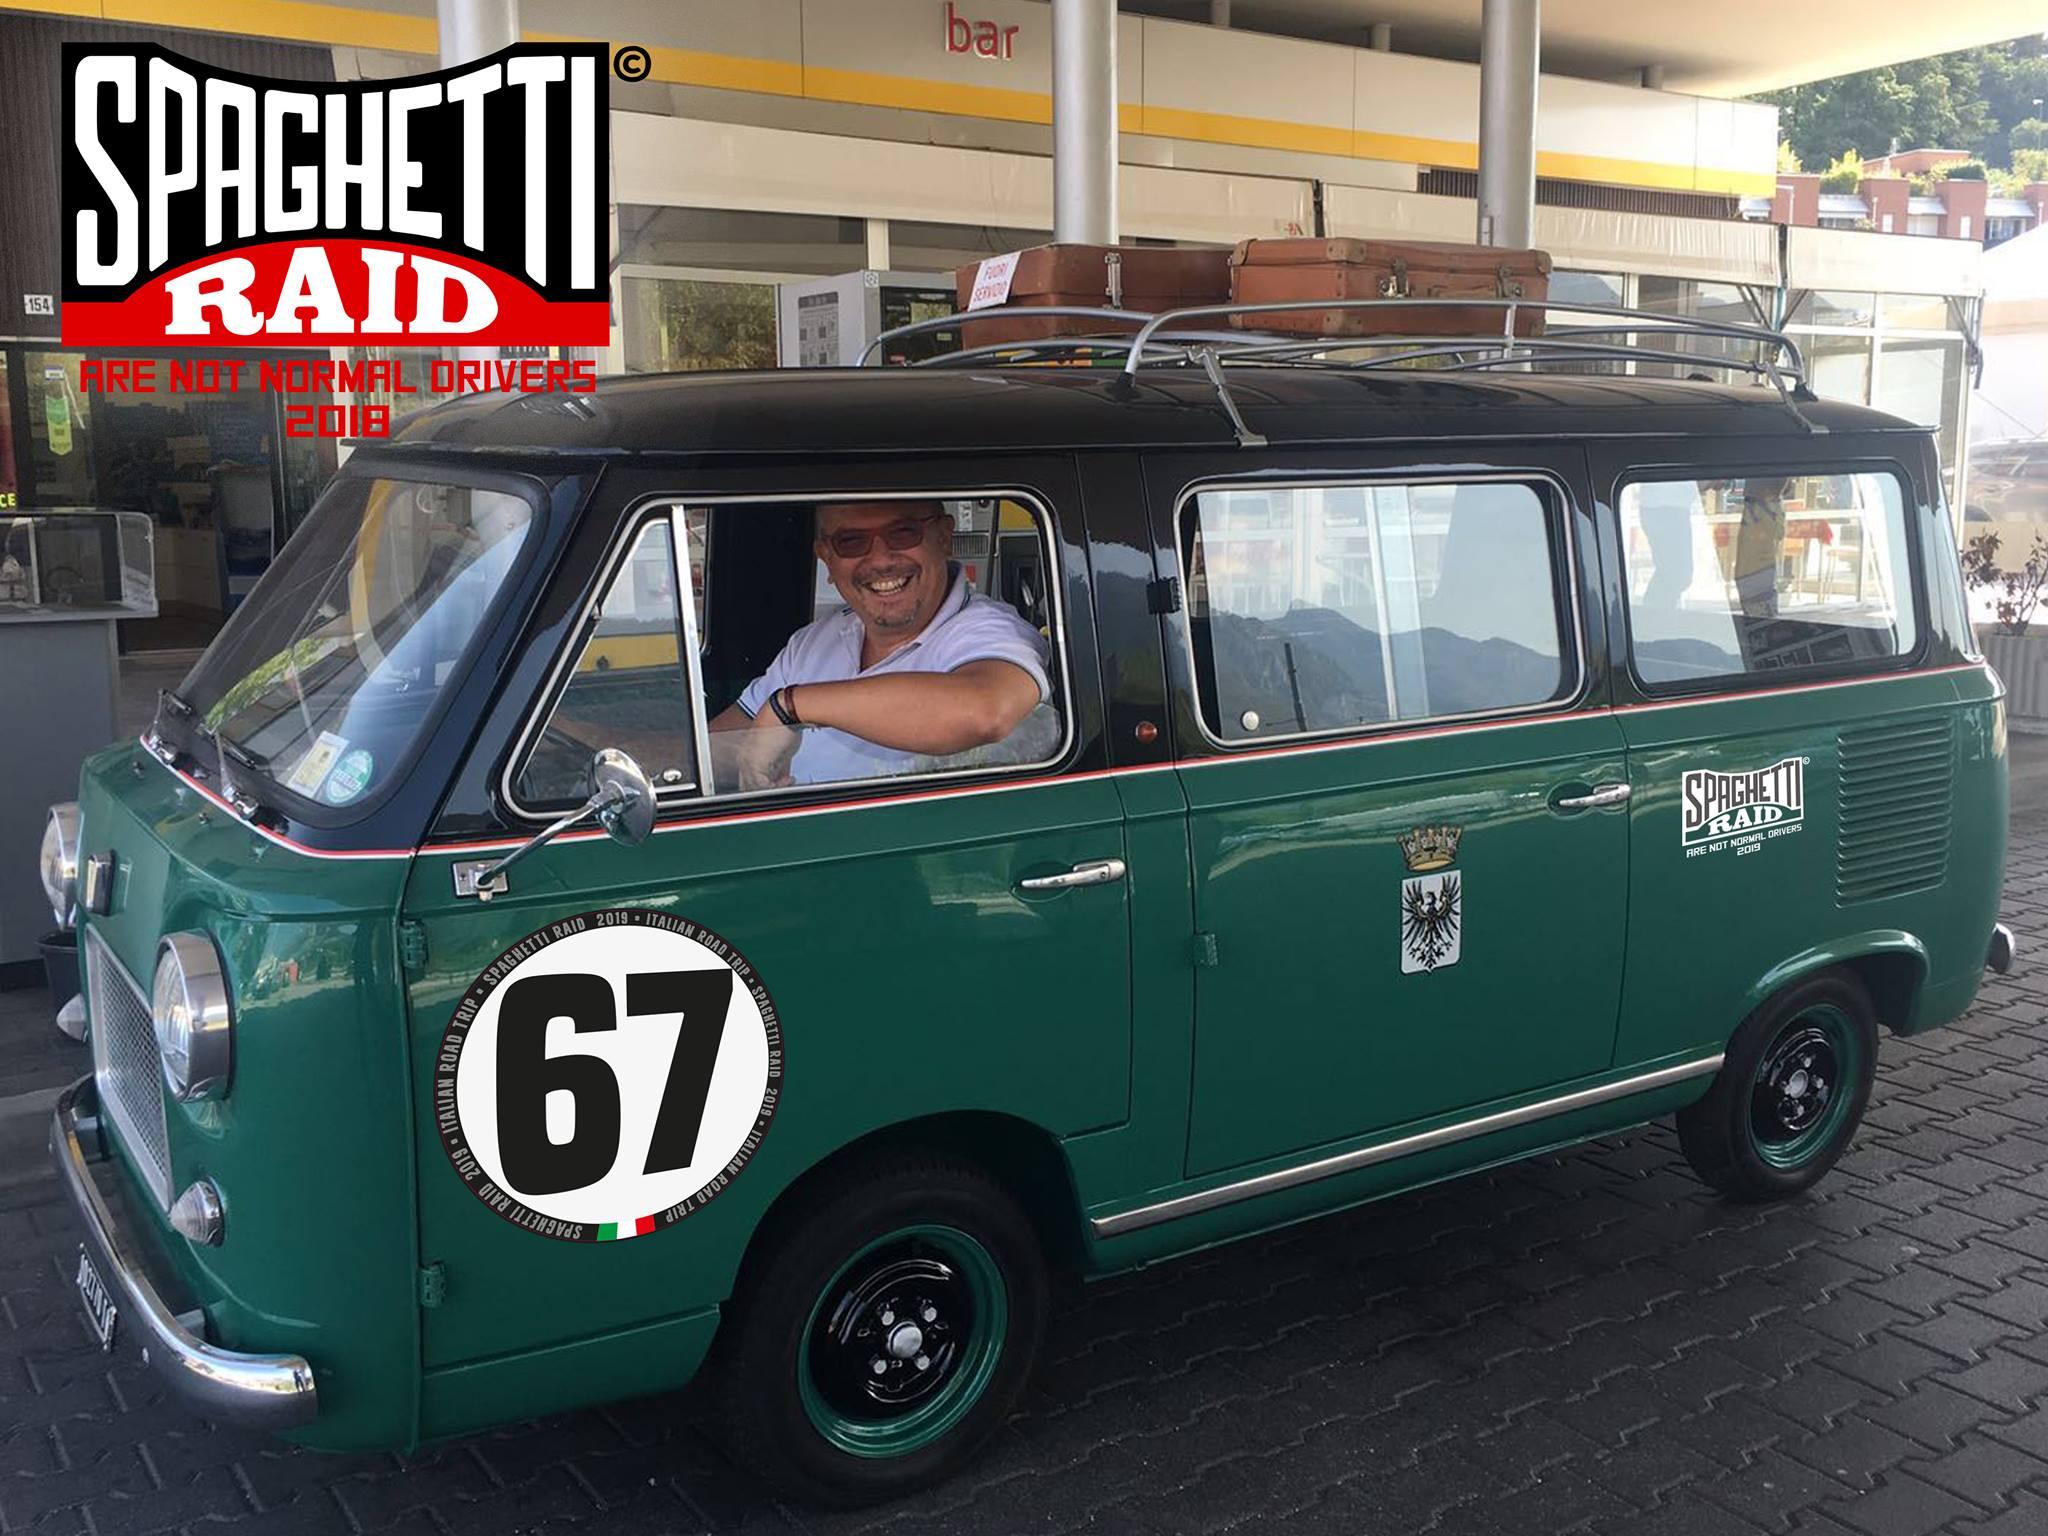 Team DOTTCOKE #67 FIAT 600t livrea taxi ASI ORO città Carnate MB